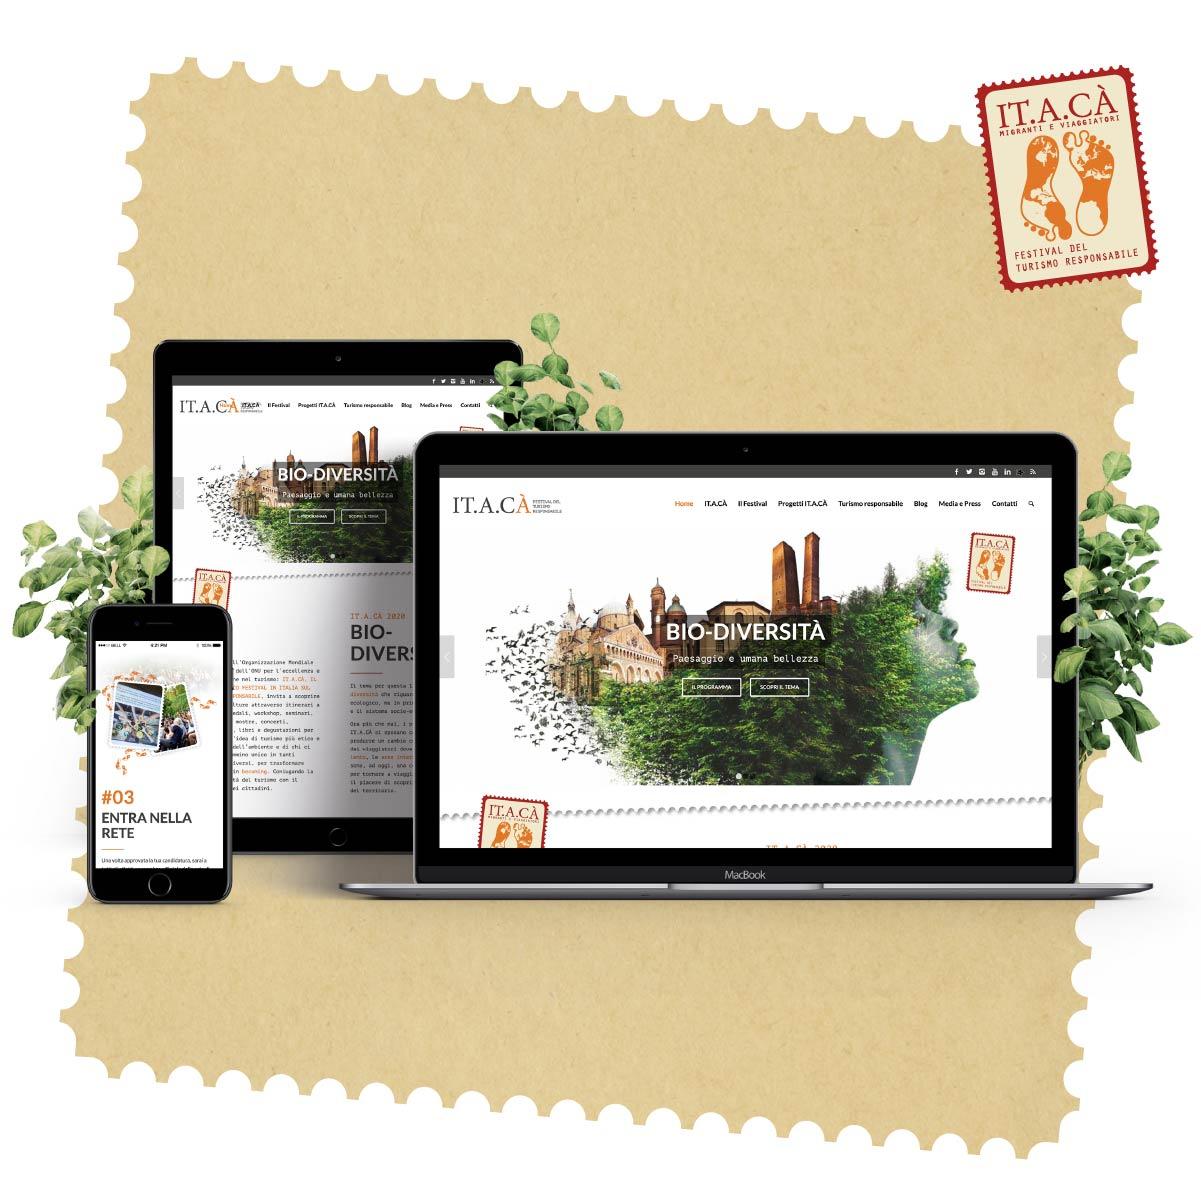 festival-itaca-strategia-eventi-turismo-sostenibile-web-site